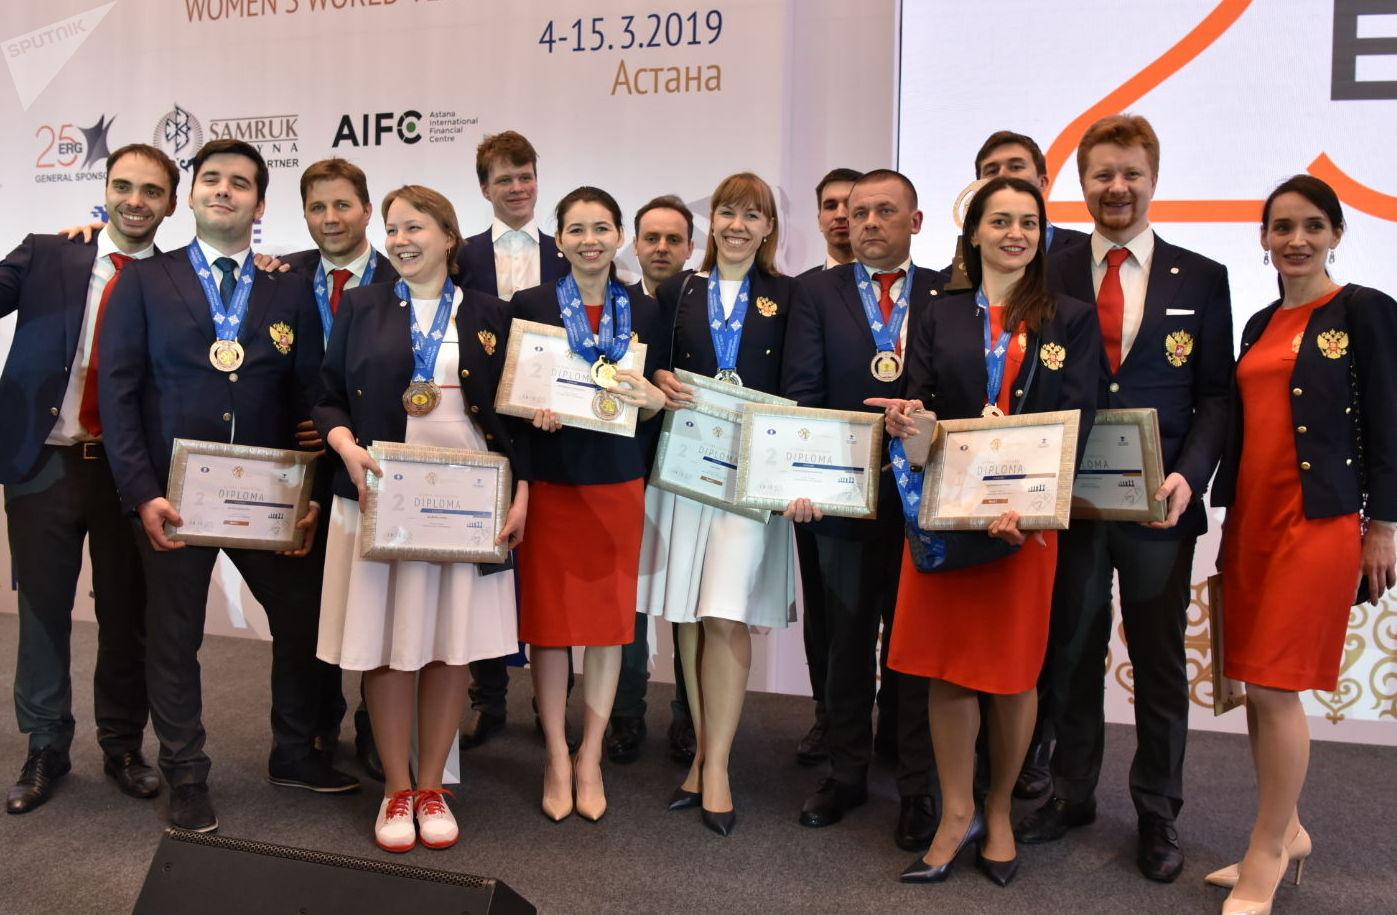 Чемпионат мира по шахматам в Астане